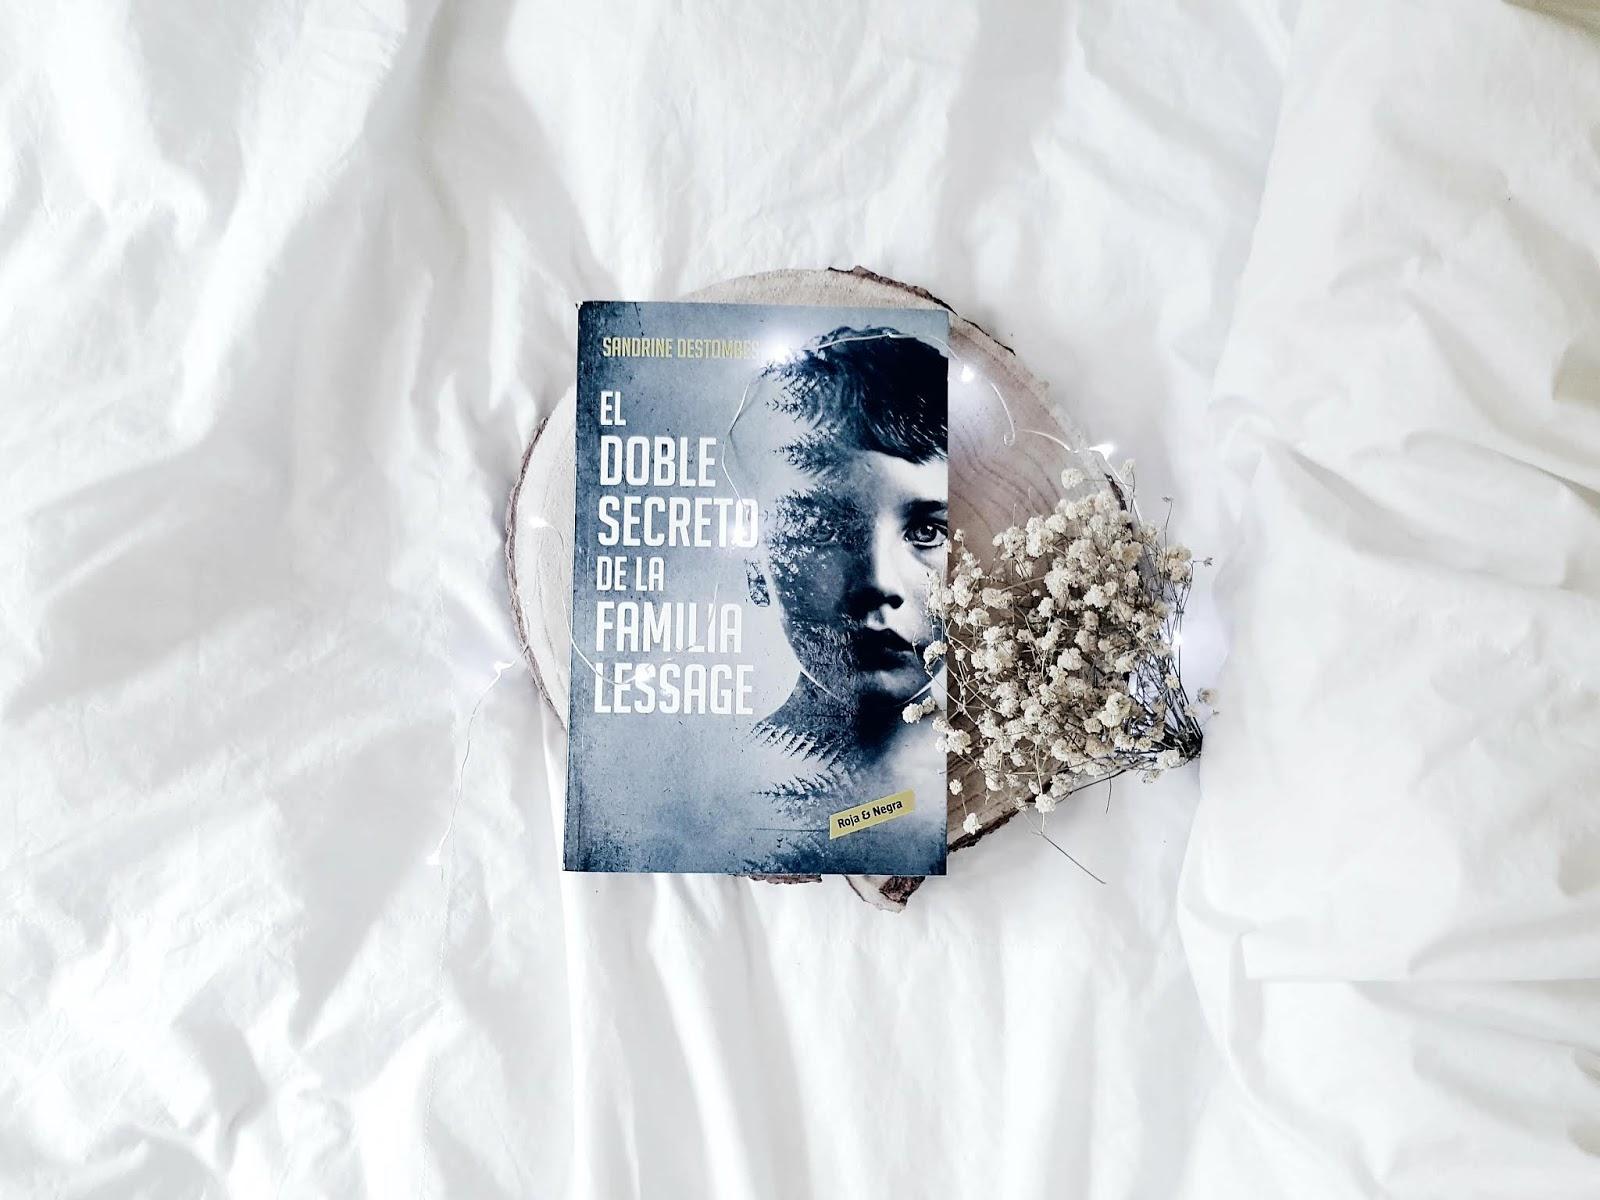 """Hoy os vengo a hablar de """"El doble secreto de a familia Lessage"""" de  Sandrine Destombes... si has llegado hasta aquí, te invito a darle al botón  SEGUIR! ..."""